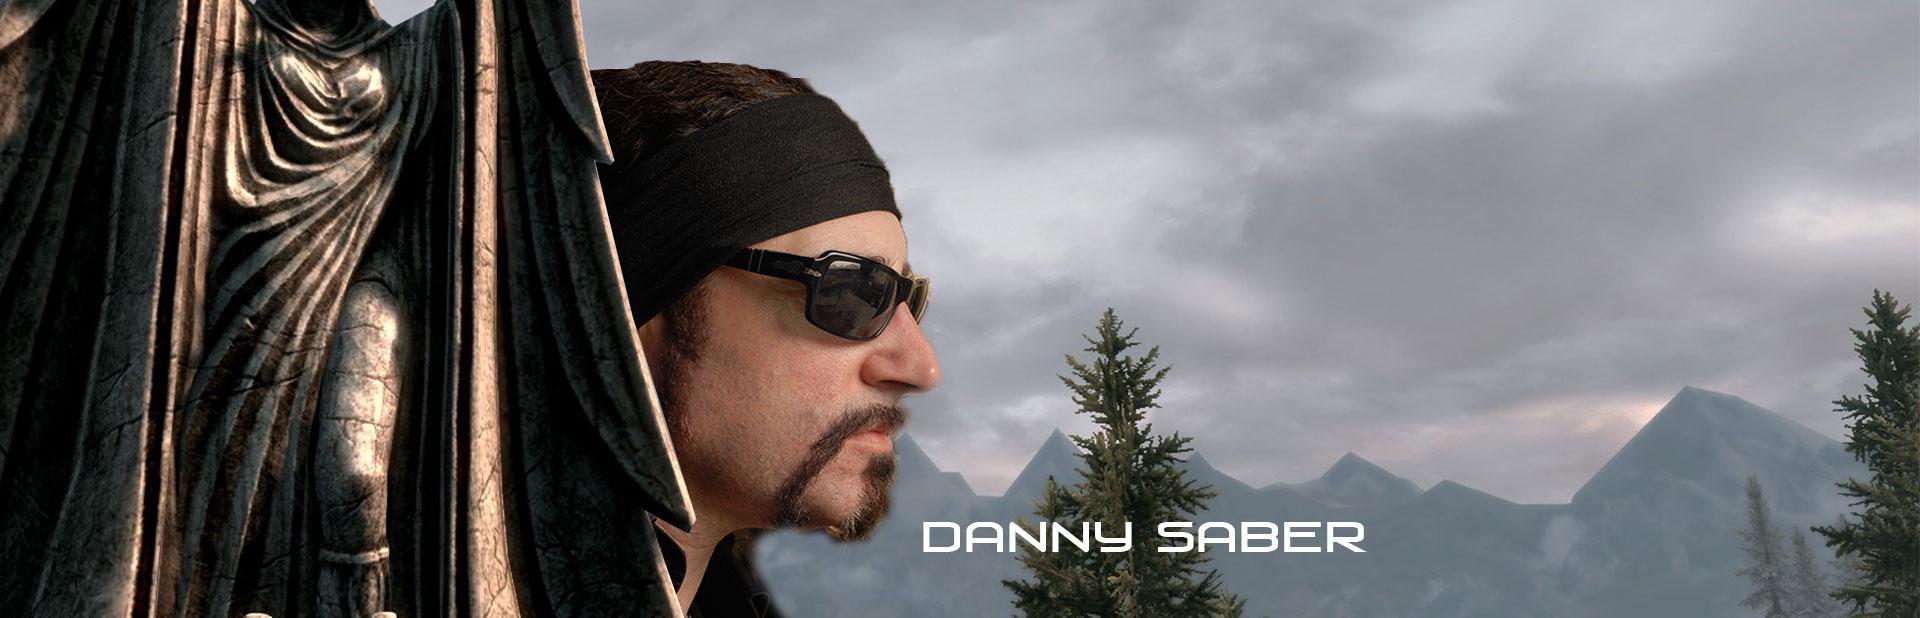 Danny Saber